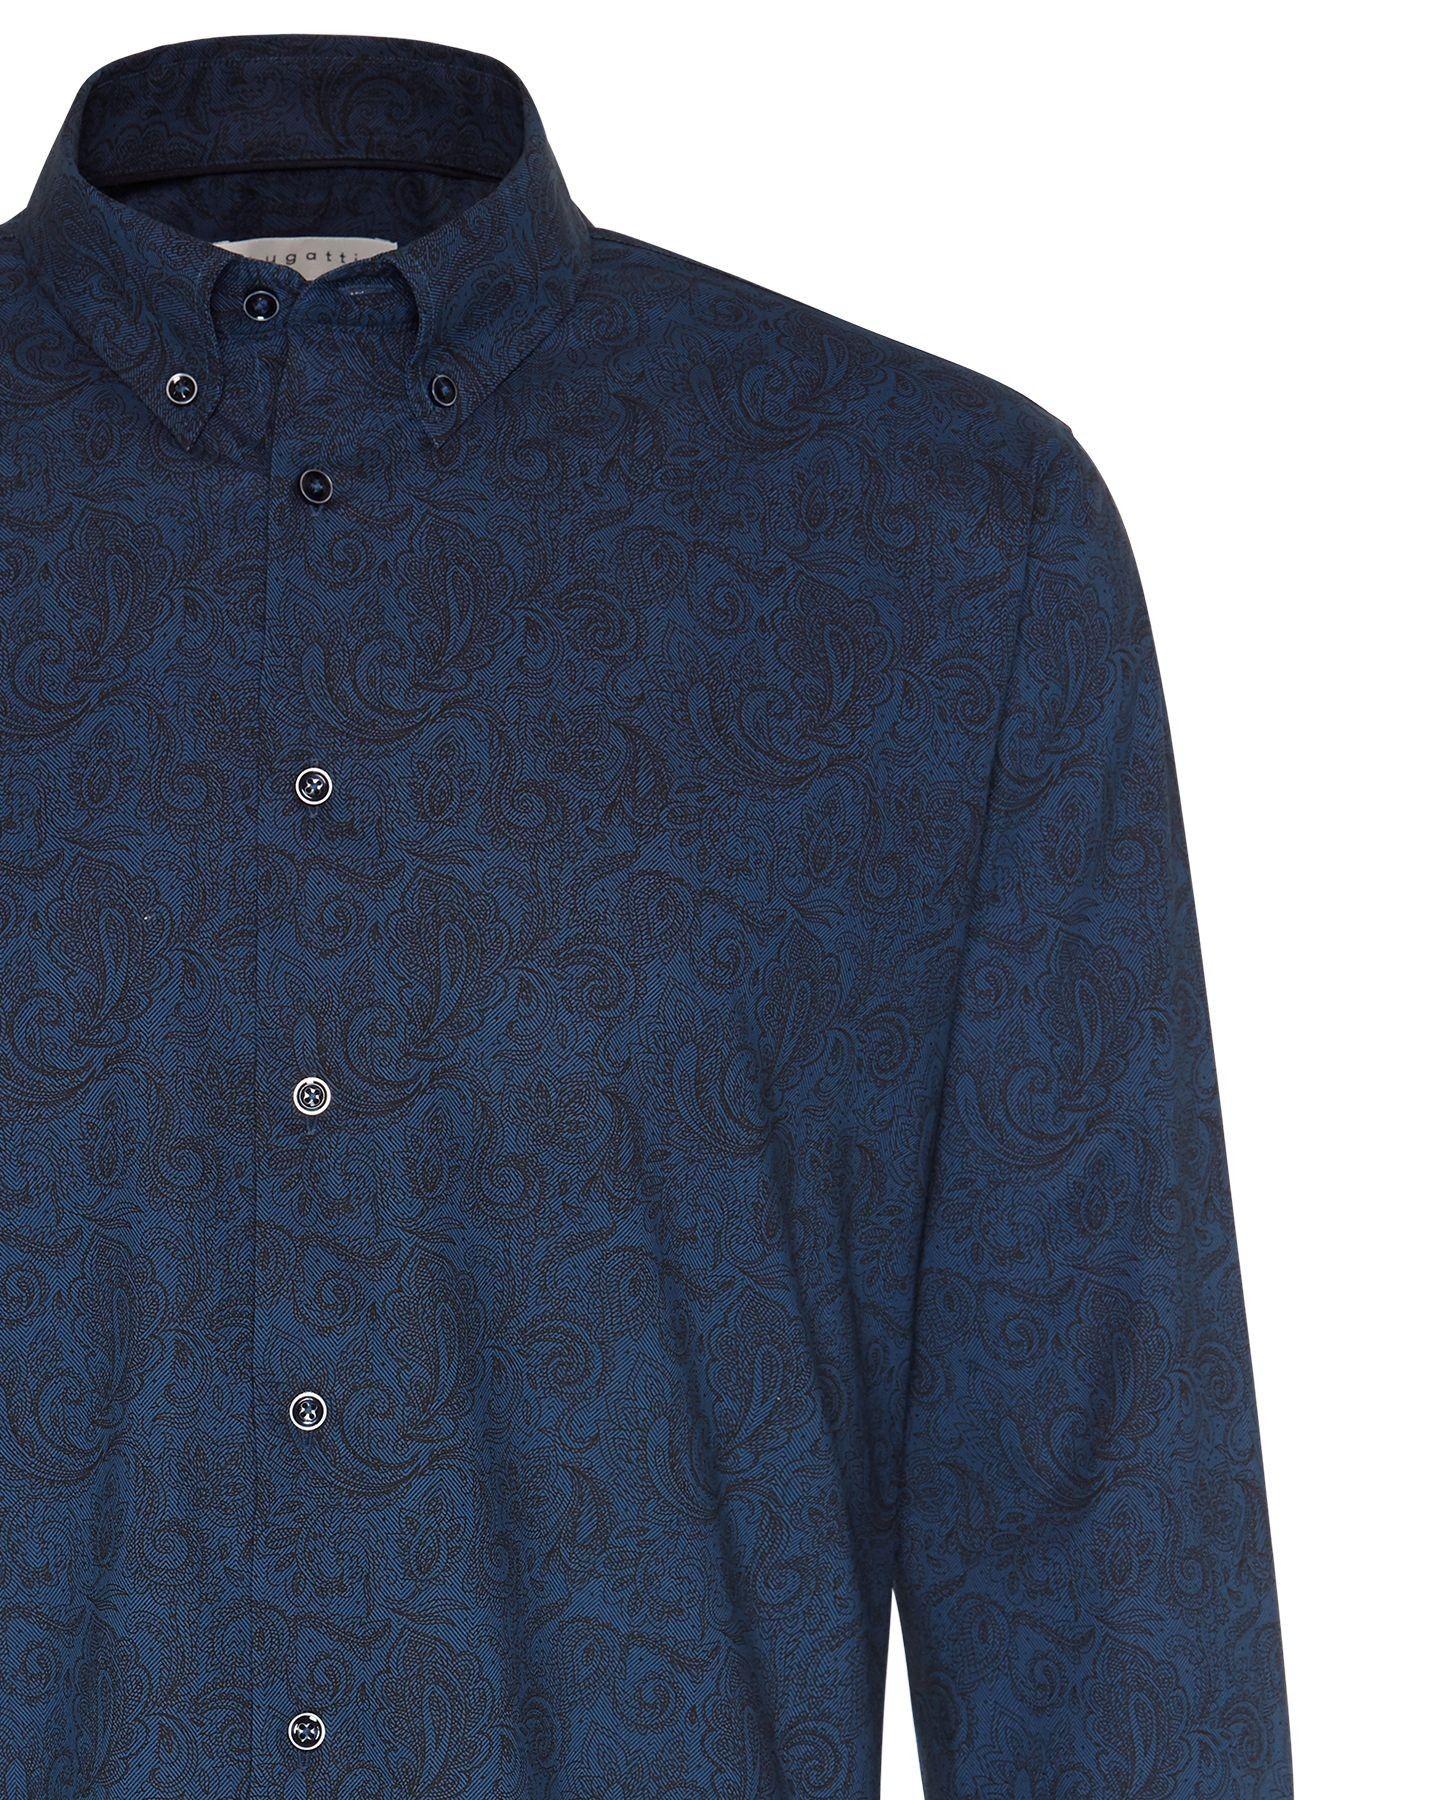 Bugatti - Herren Hemd mit Fischgräten Muster (28517-9351) – Bild 1